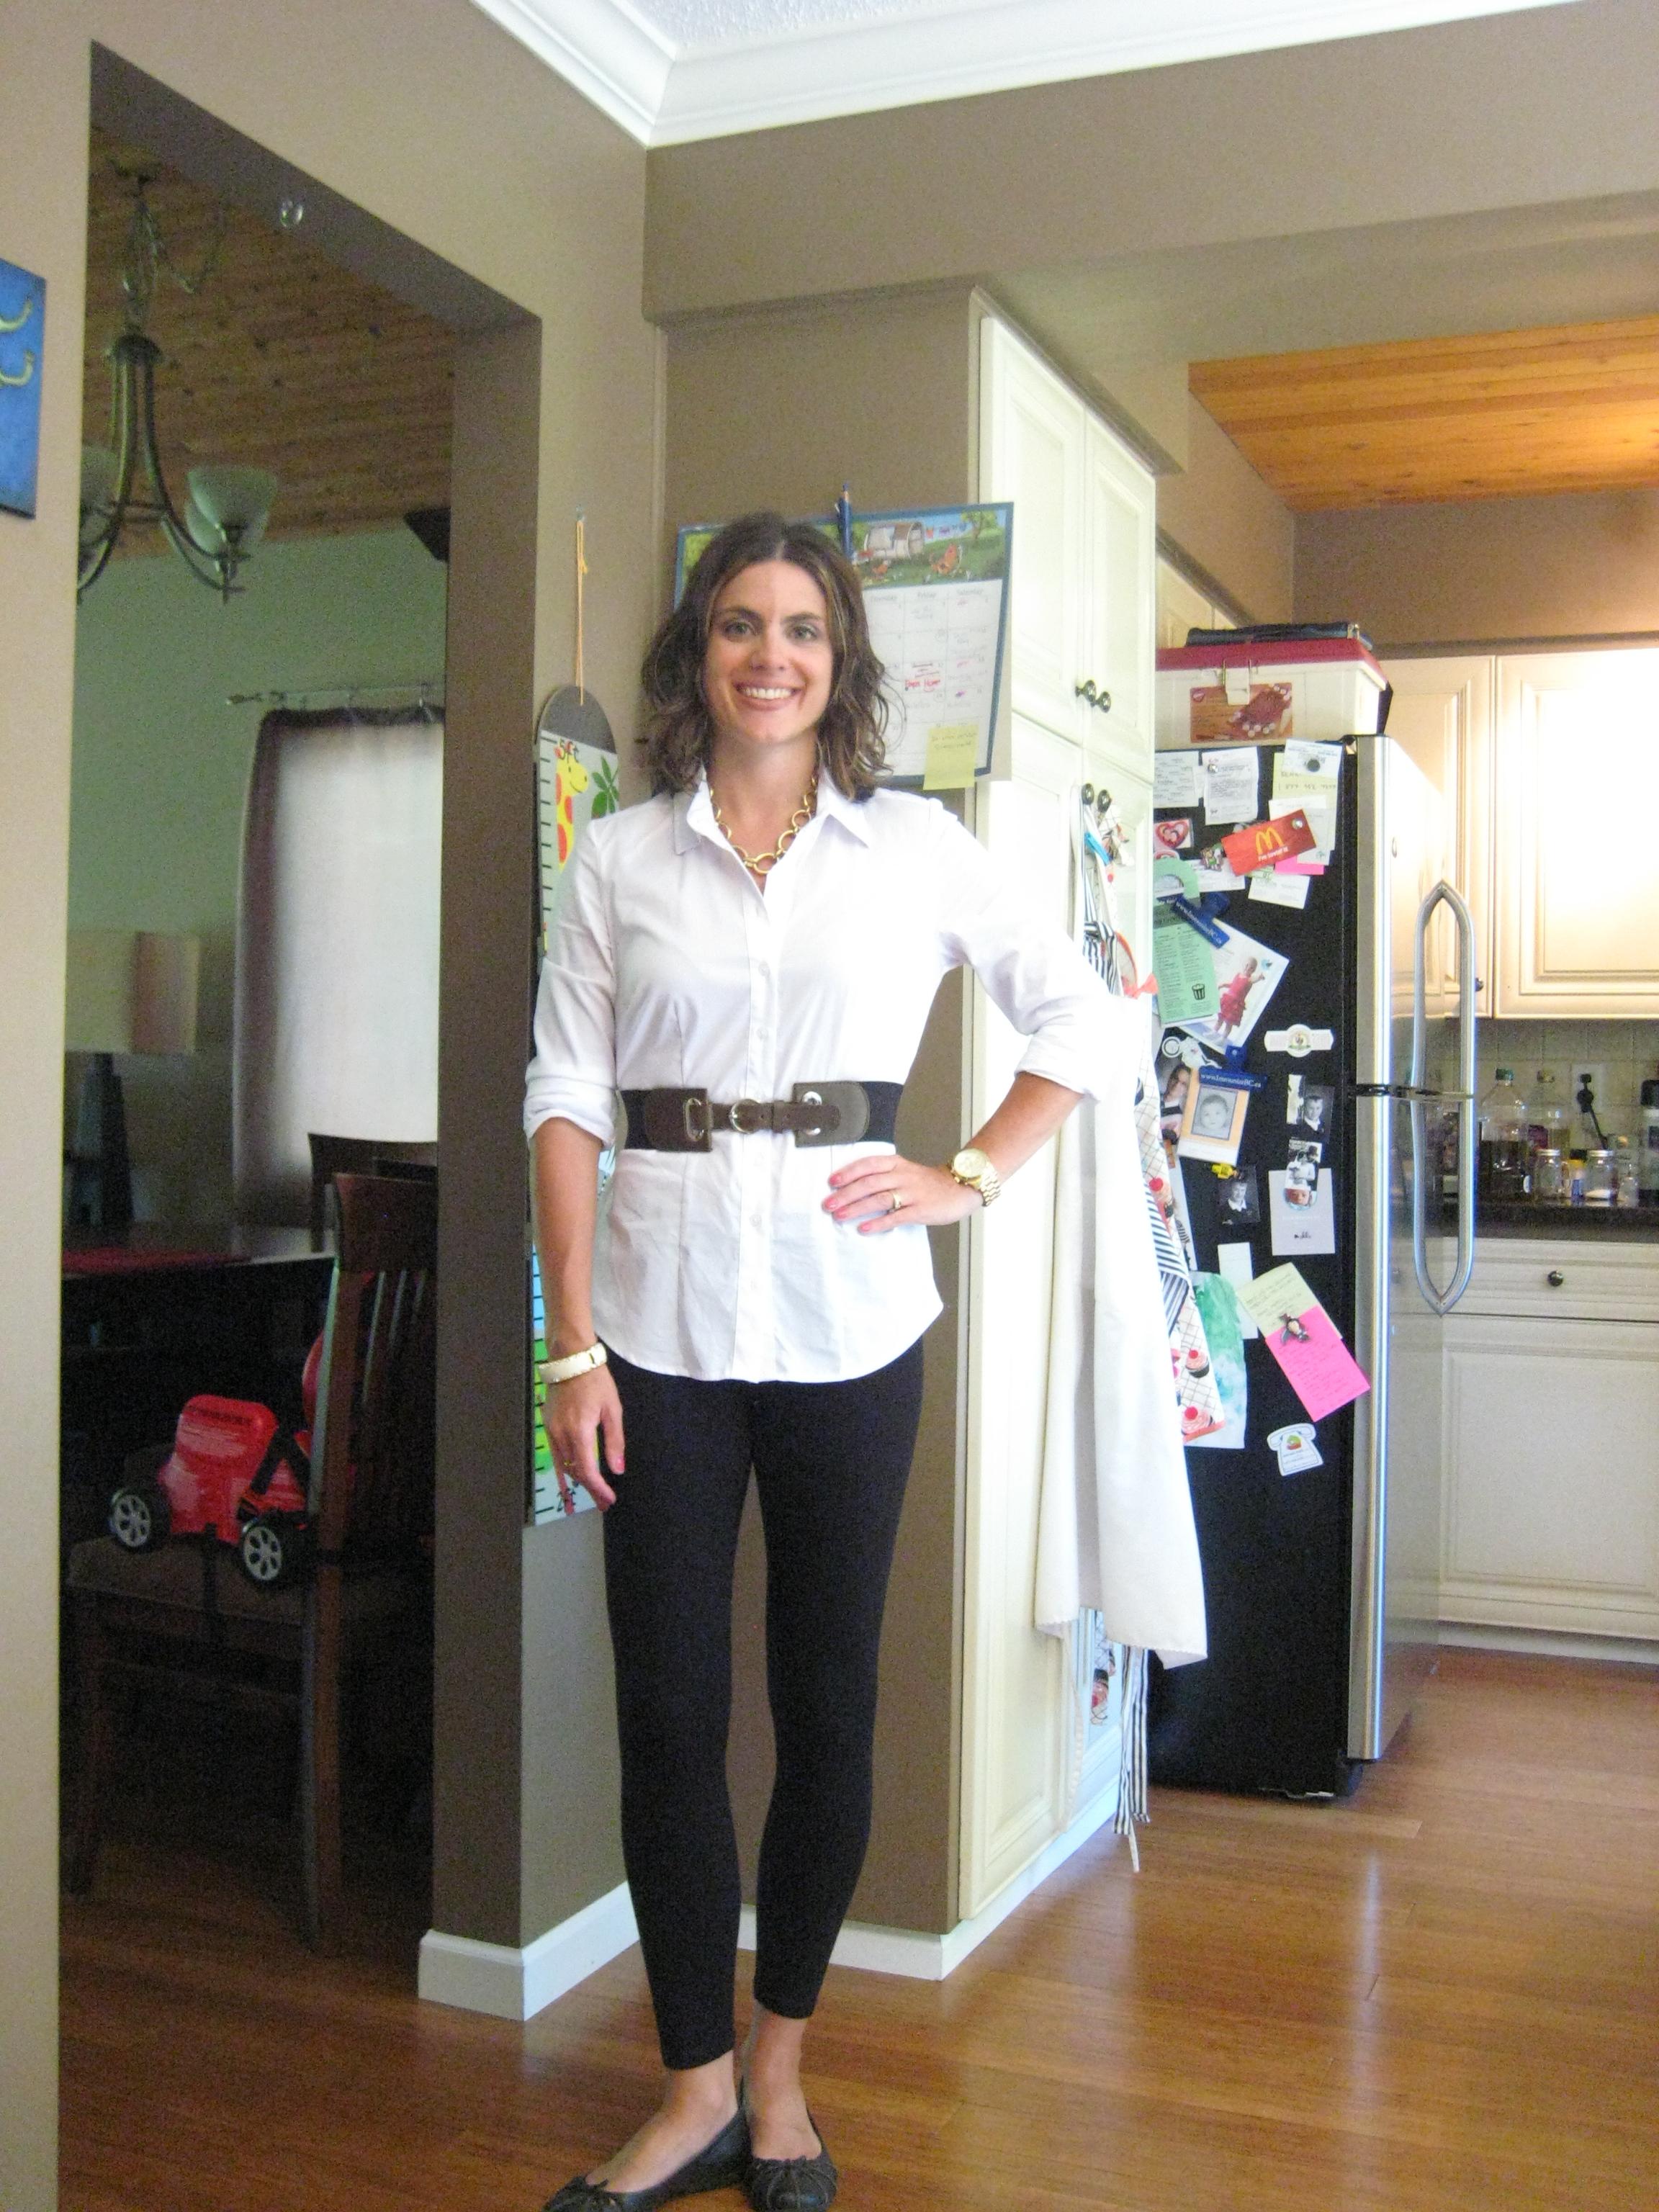 ae5d136c2 Long White Shirts For Leggings - DREAMWORKS